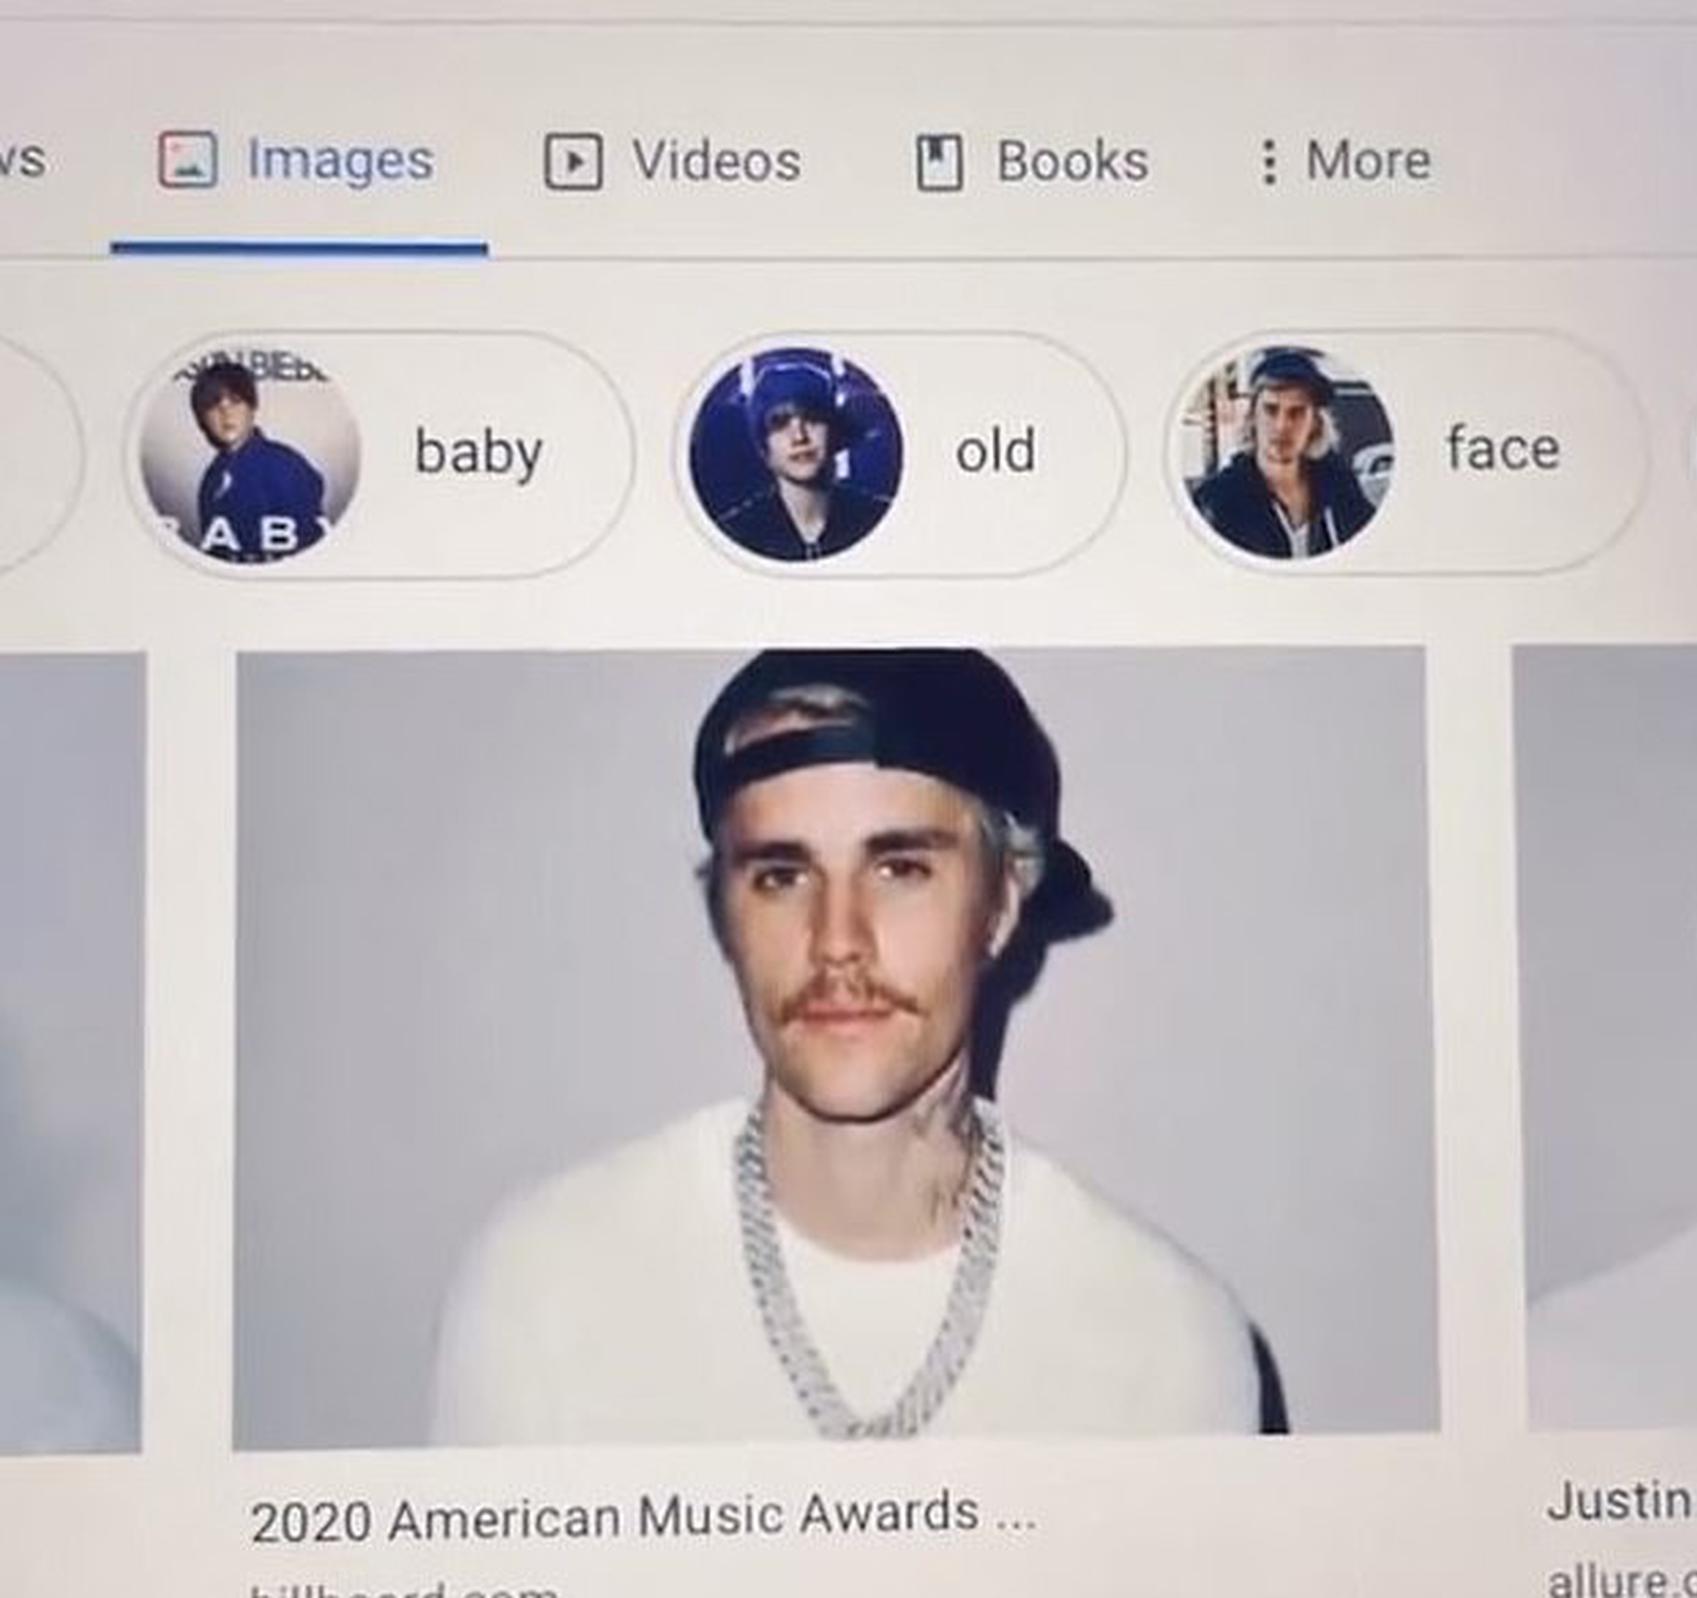 比伯吐槽网站算法:搜索自己显示的一张照片太丑